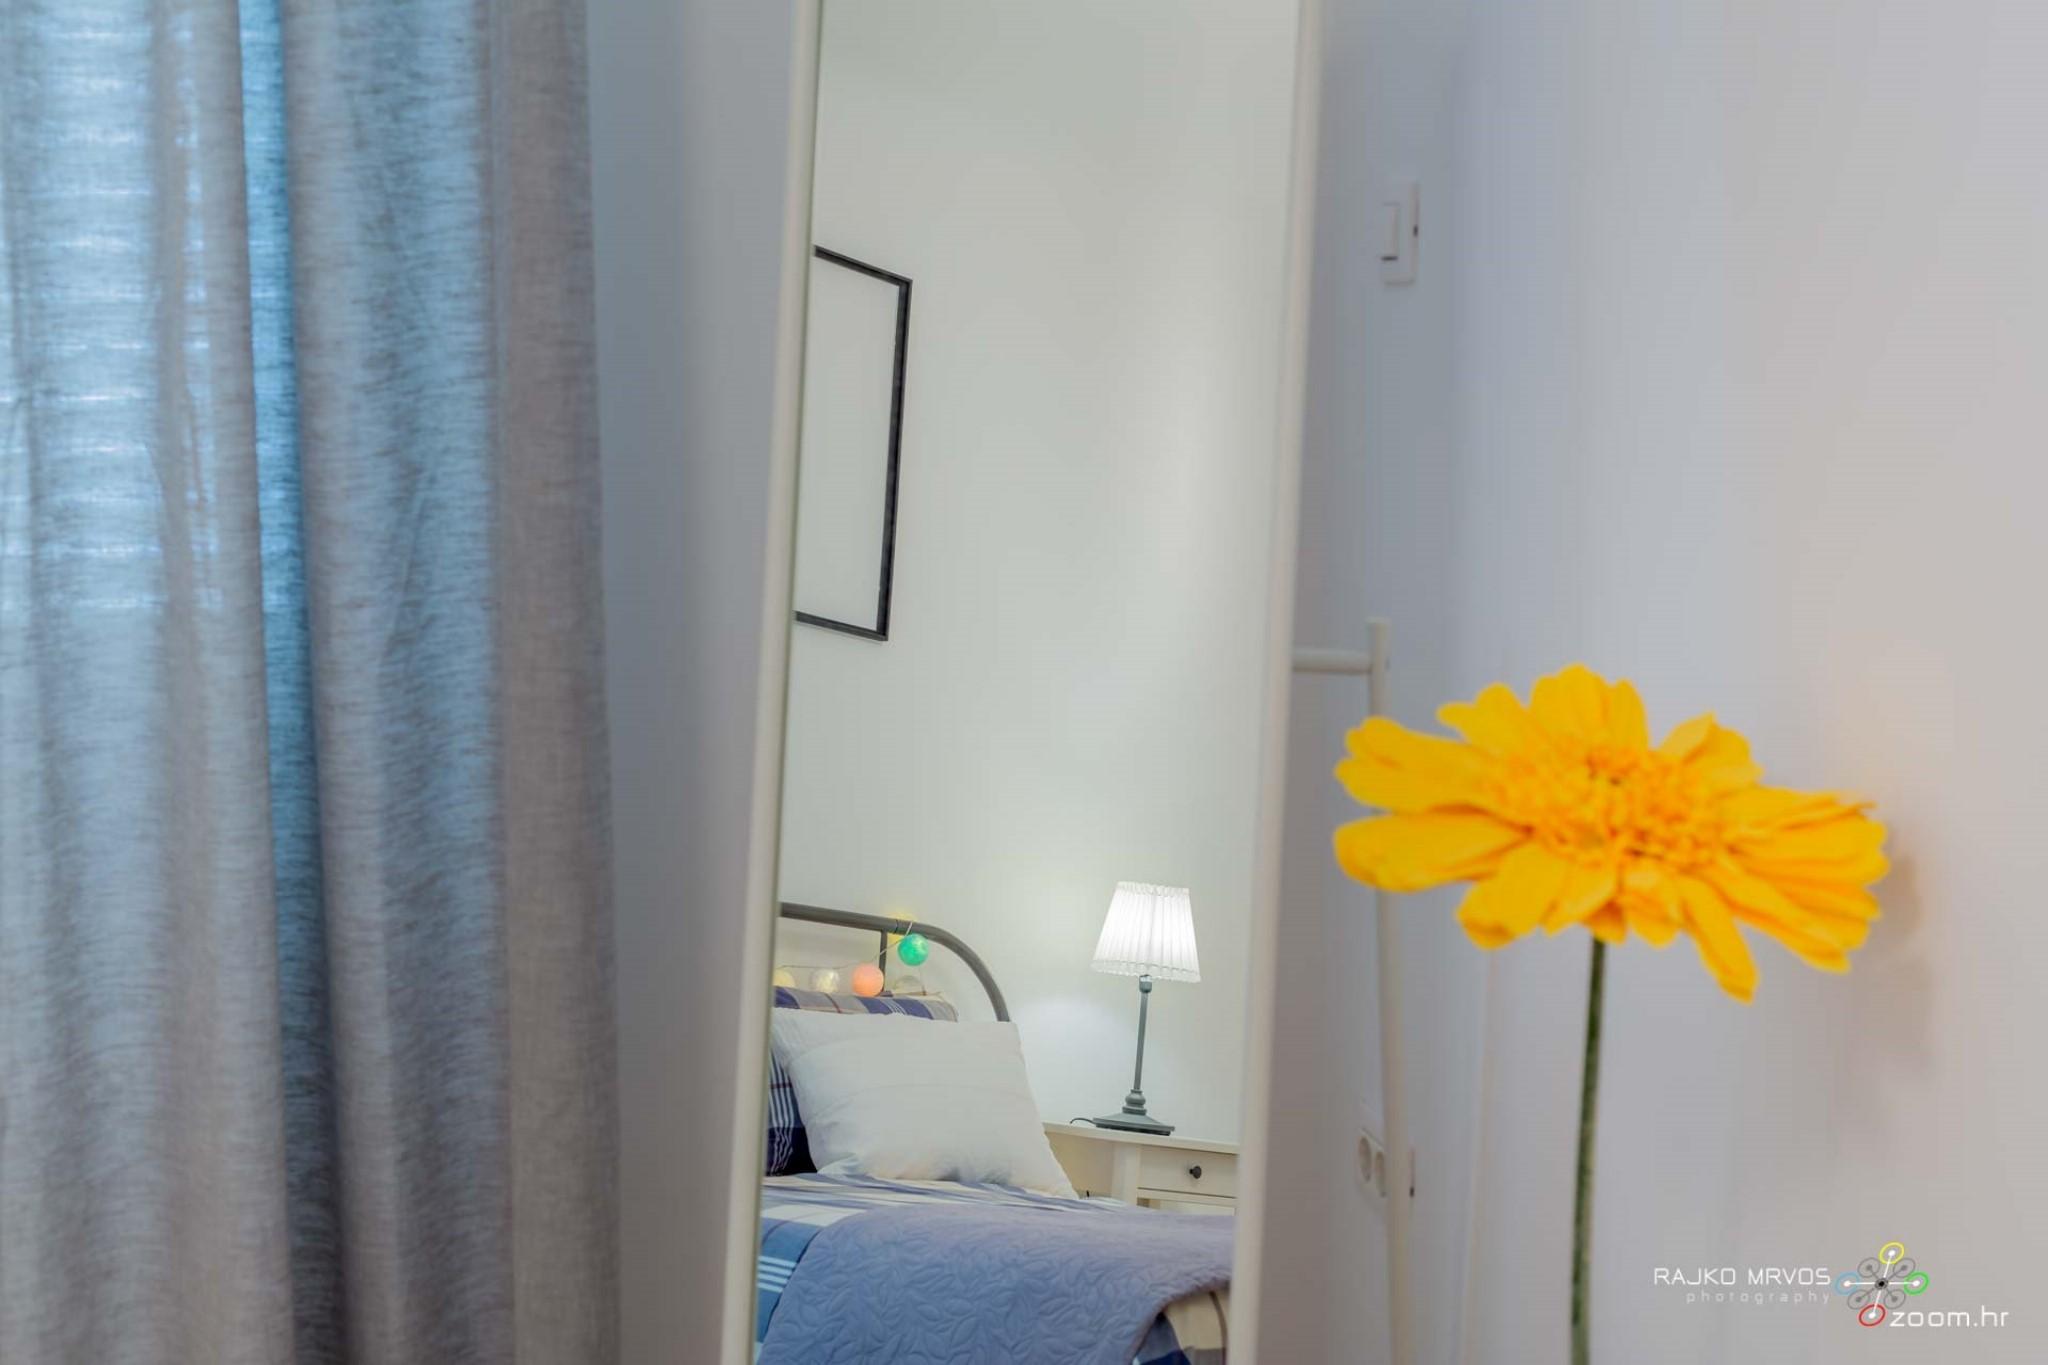 fotograf-interijera-fotograf-eksterijera-slikanje-apartmana-Central-Rijeka-Apartments-20